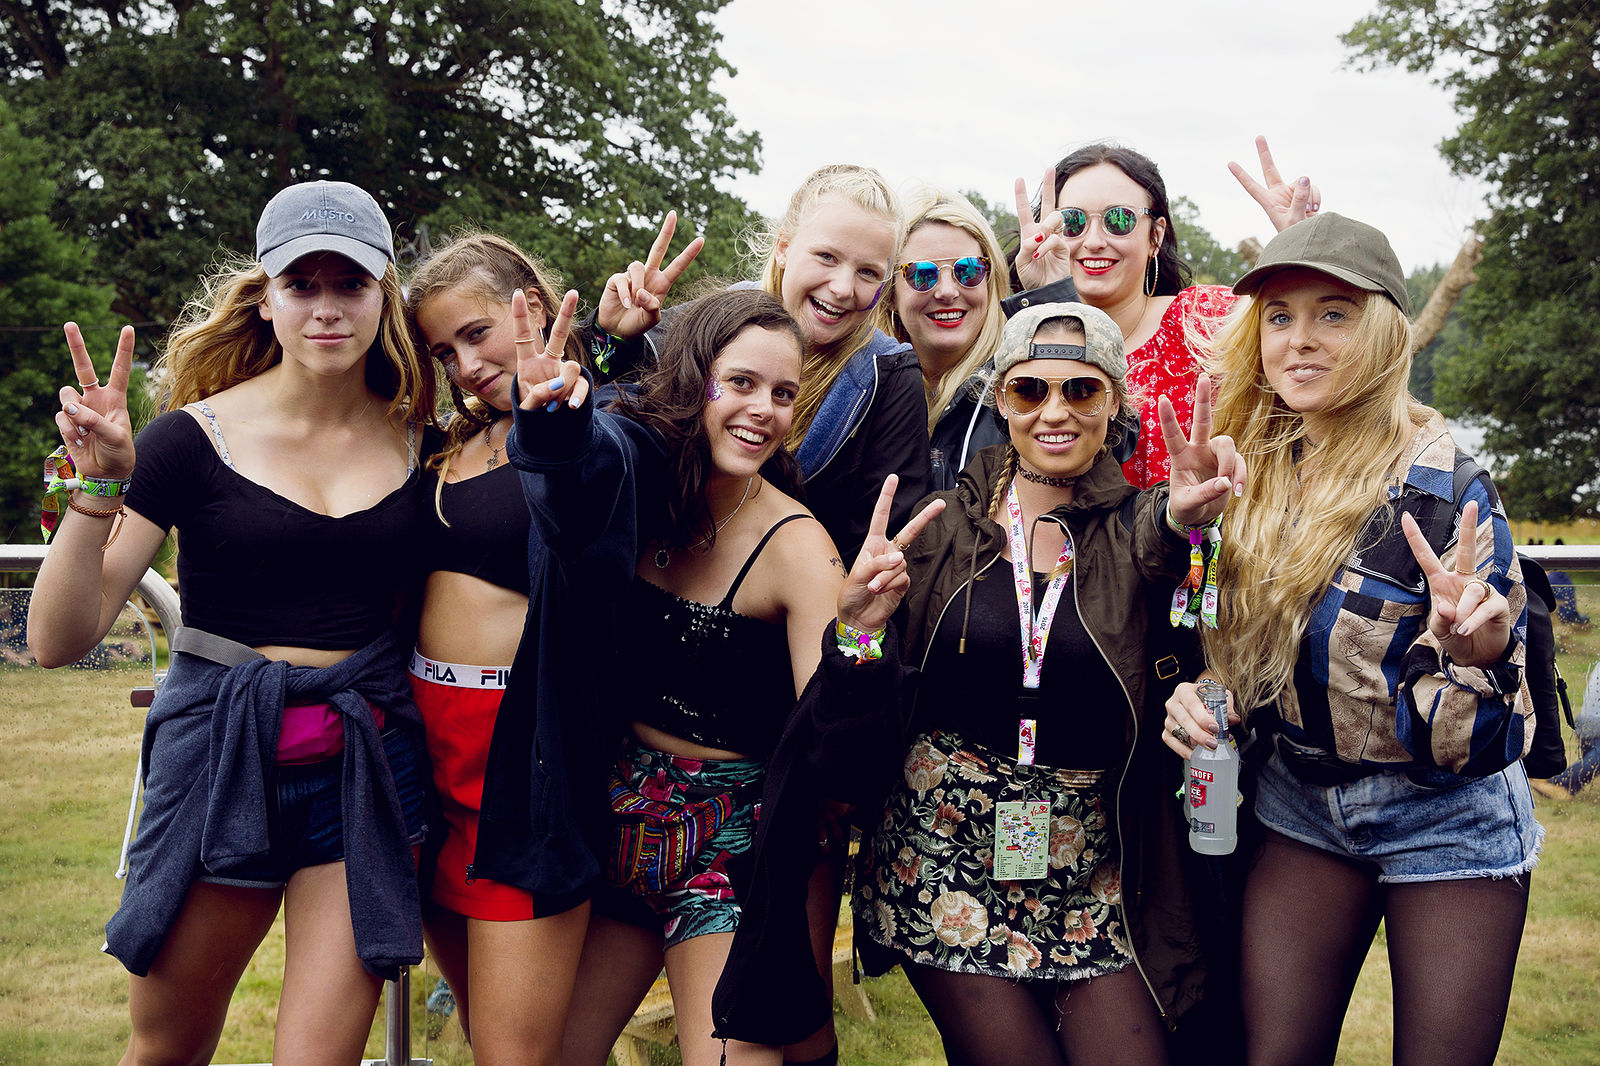 V Festival 2016